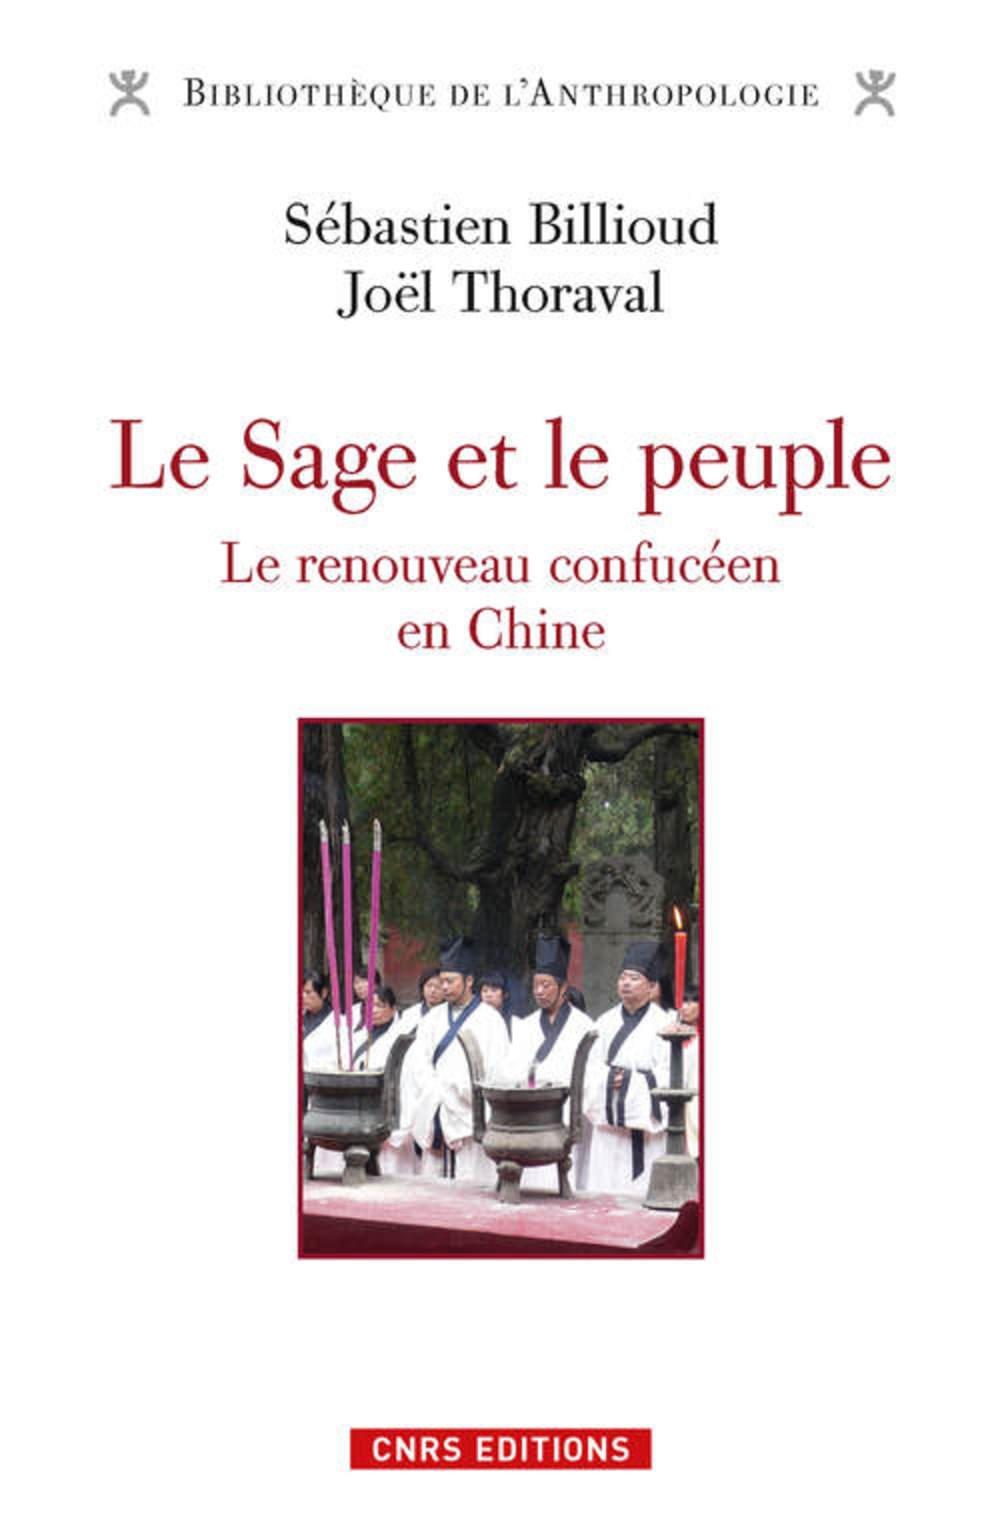 Le Sage et le peuple. Le renouveau confucéen en Chine Broché – 23 octobre 2014 Sebastien Billioud Joel Thoraval Cnrs 2271081548